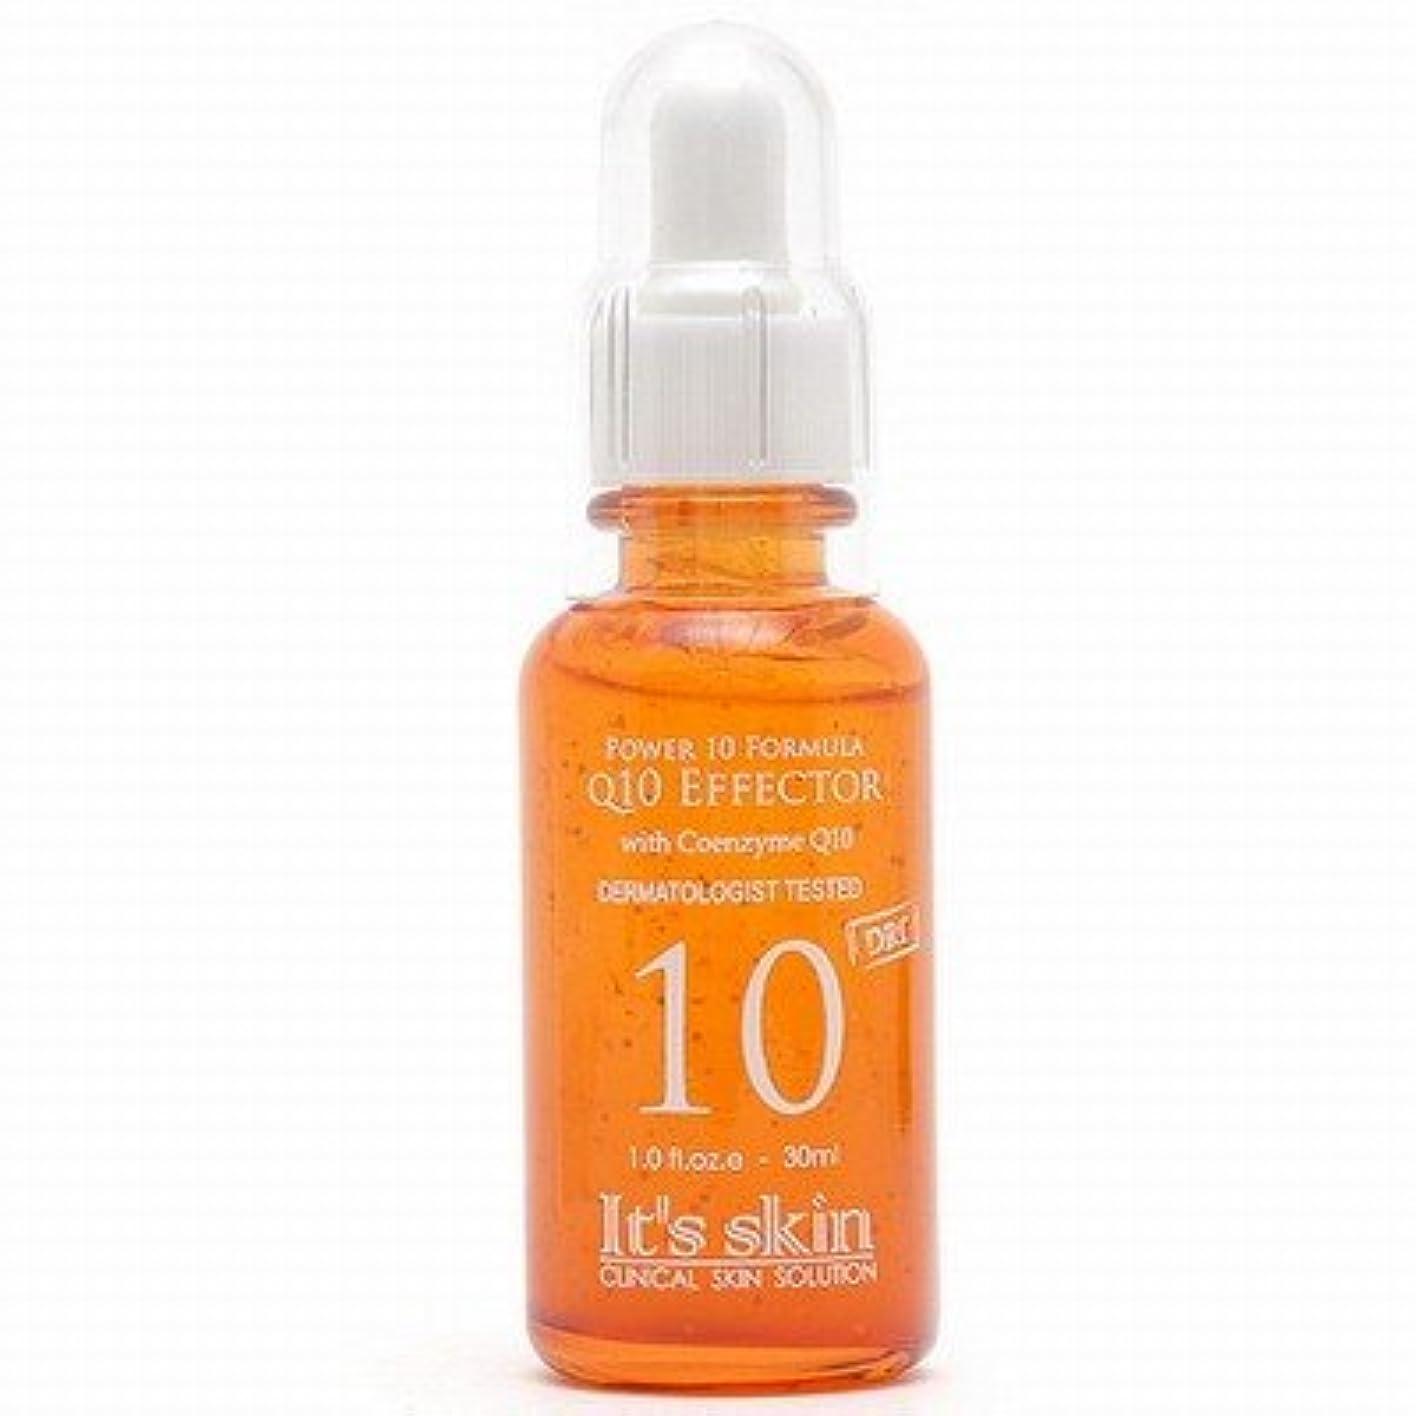 香水宣言する行うイッツスキン パワー10 フォーミュラ Q10 エフェクター [海外直送品][並行輸入品]